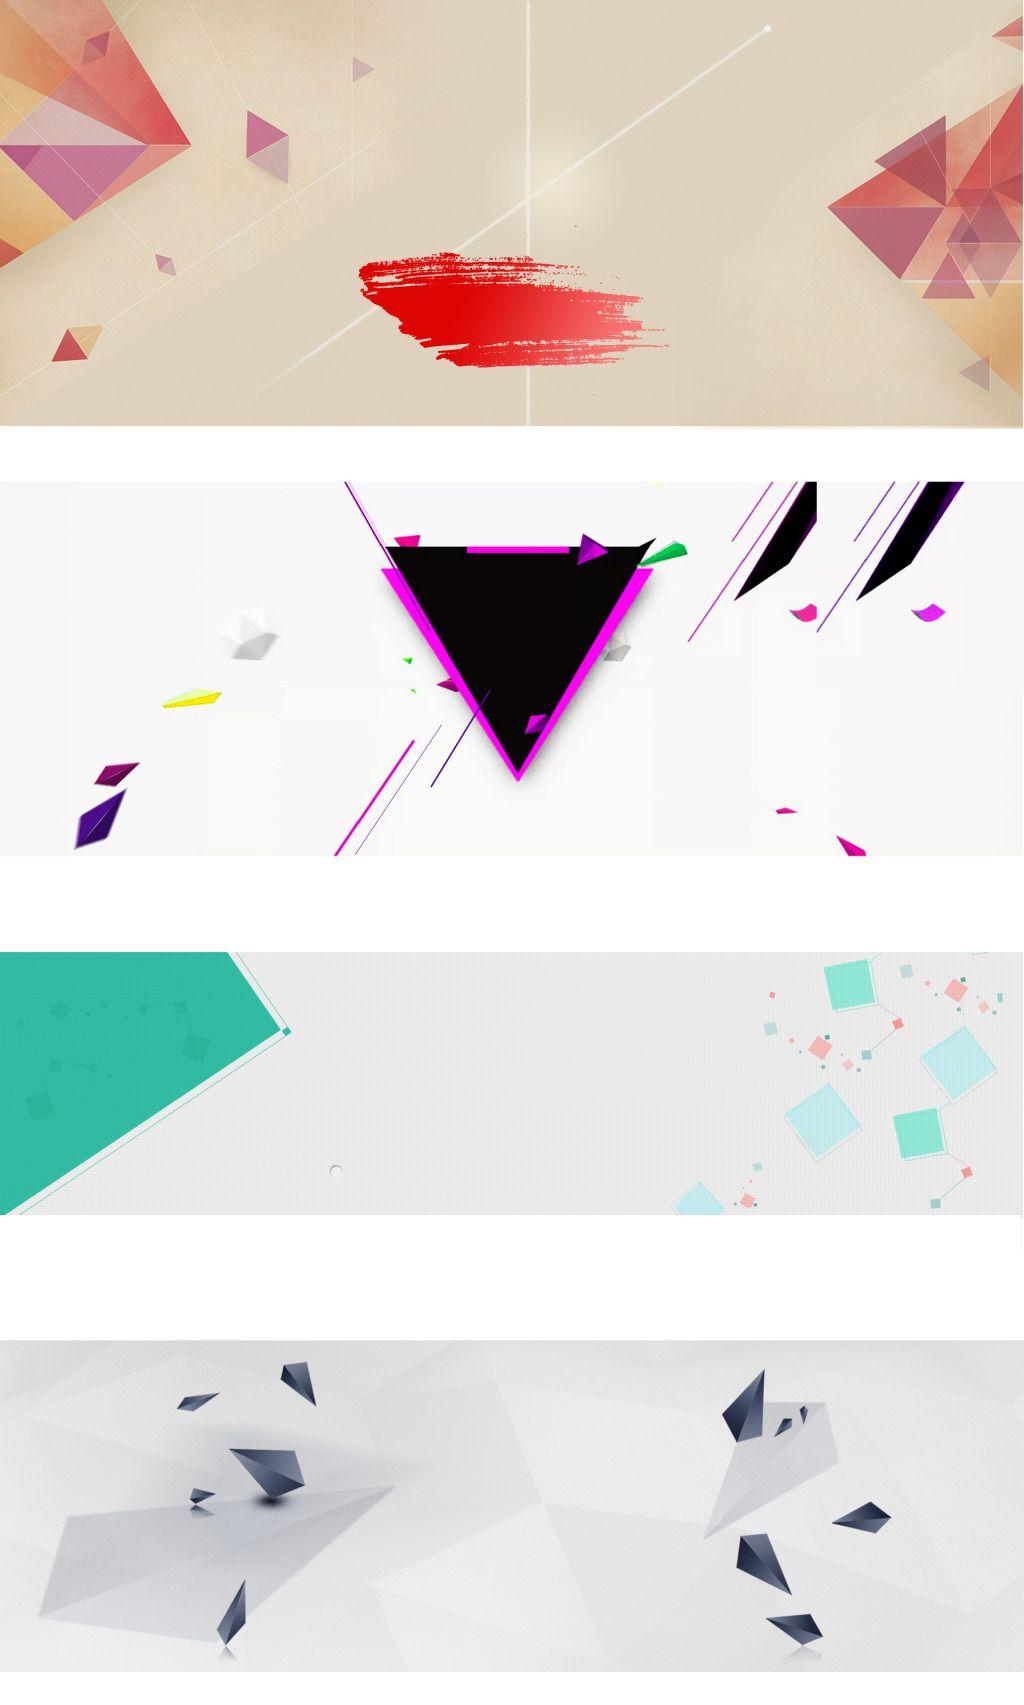 炫酷背景红色淘宝首页轮播图海报原创设计免费下载 格式 Psd 大小 1922x3202像素 图片编号 19594555 千图网www 58pic Com Graphic Design Graphic Cards